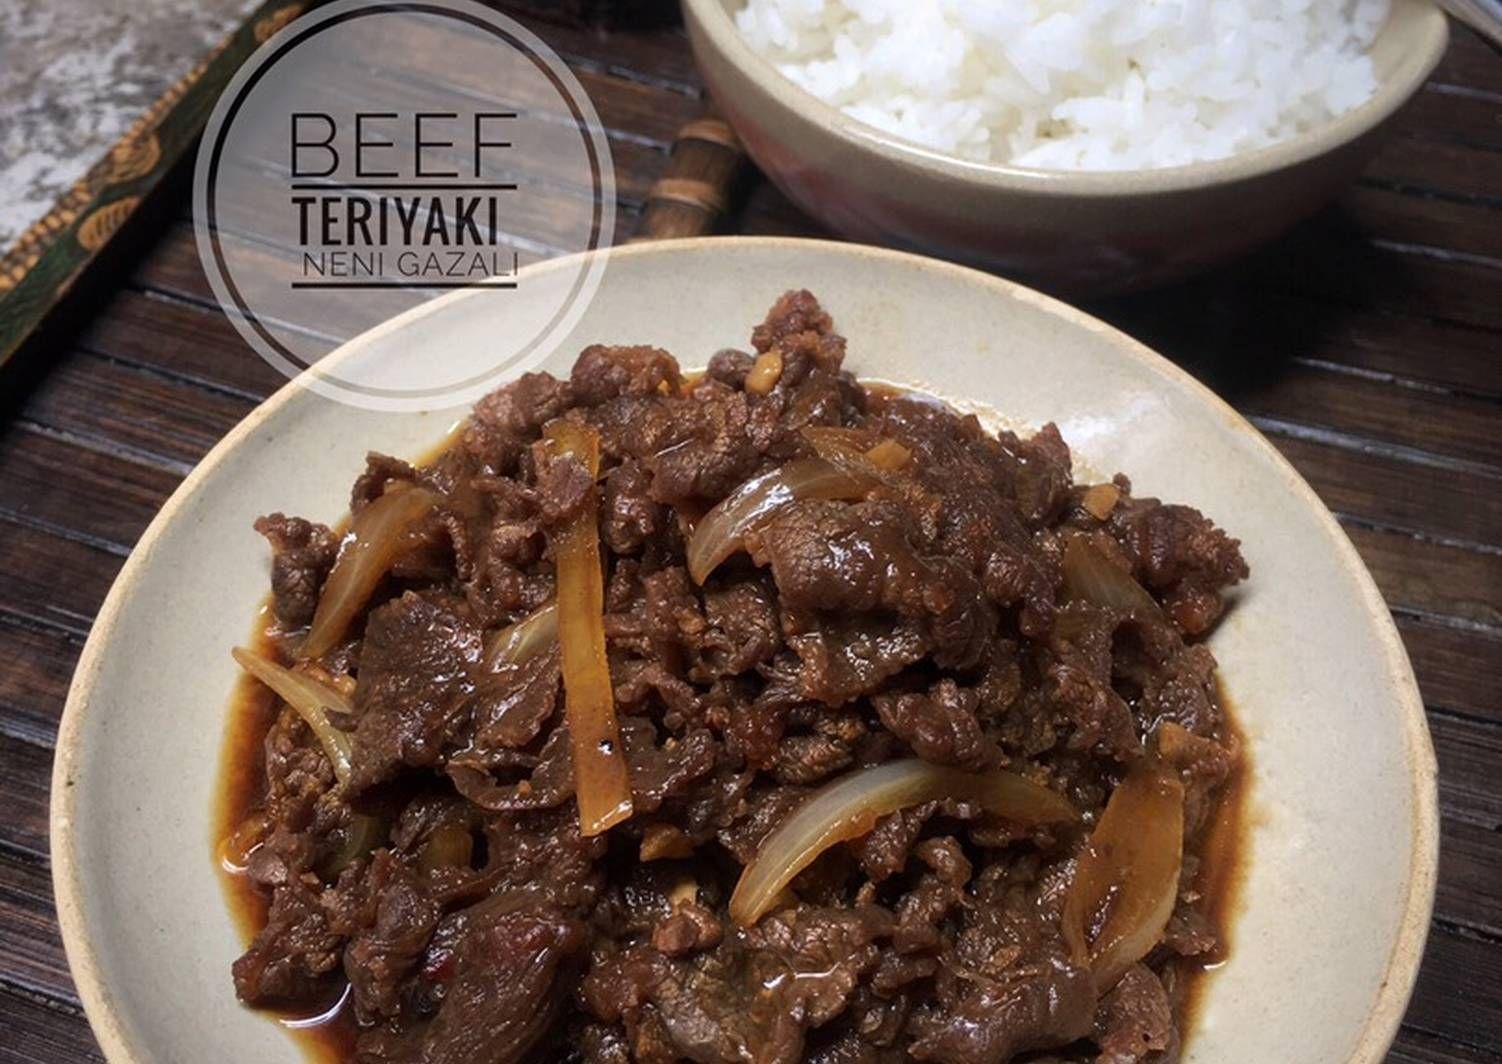 Resep Sederhana Cara Memasak Beef Teriyaki Yang Enak Resep Sederhana Makanan Dan Minuman Resep Daging Sapi